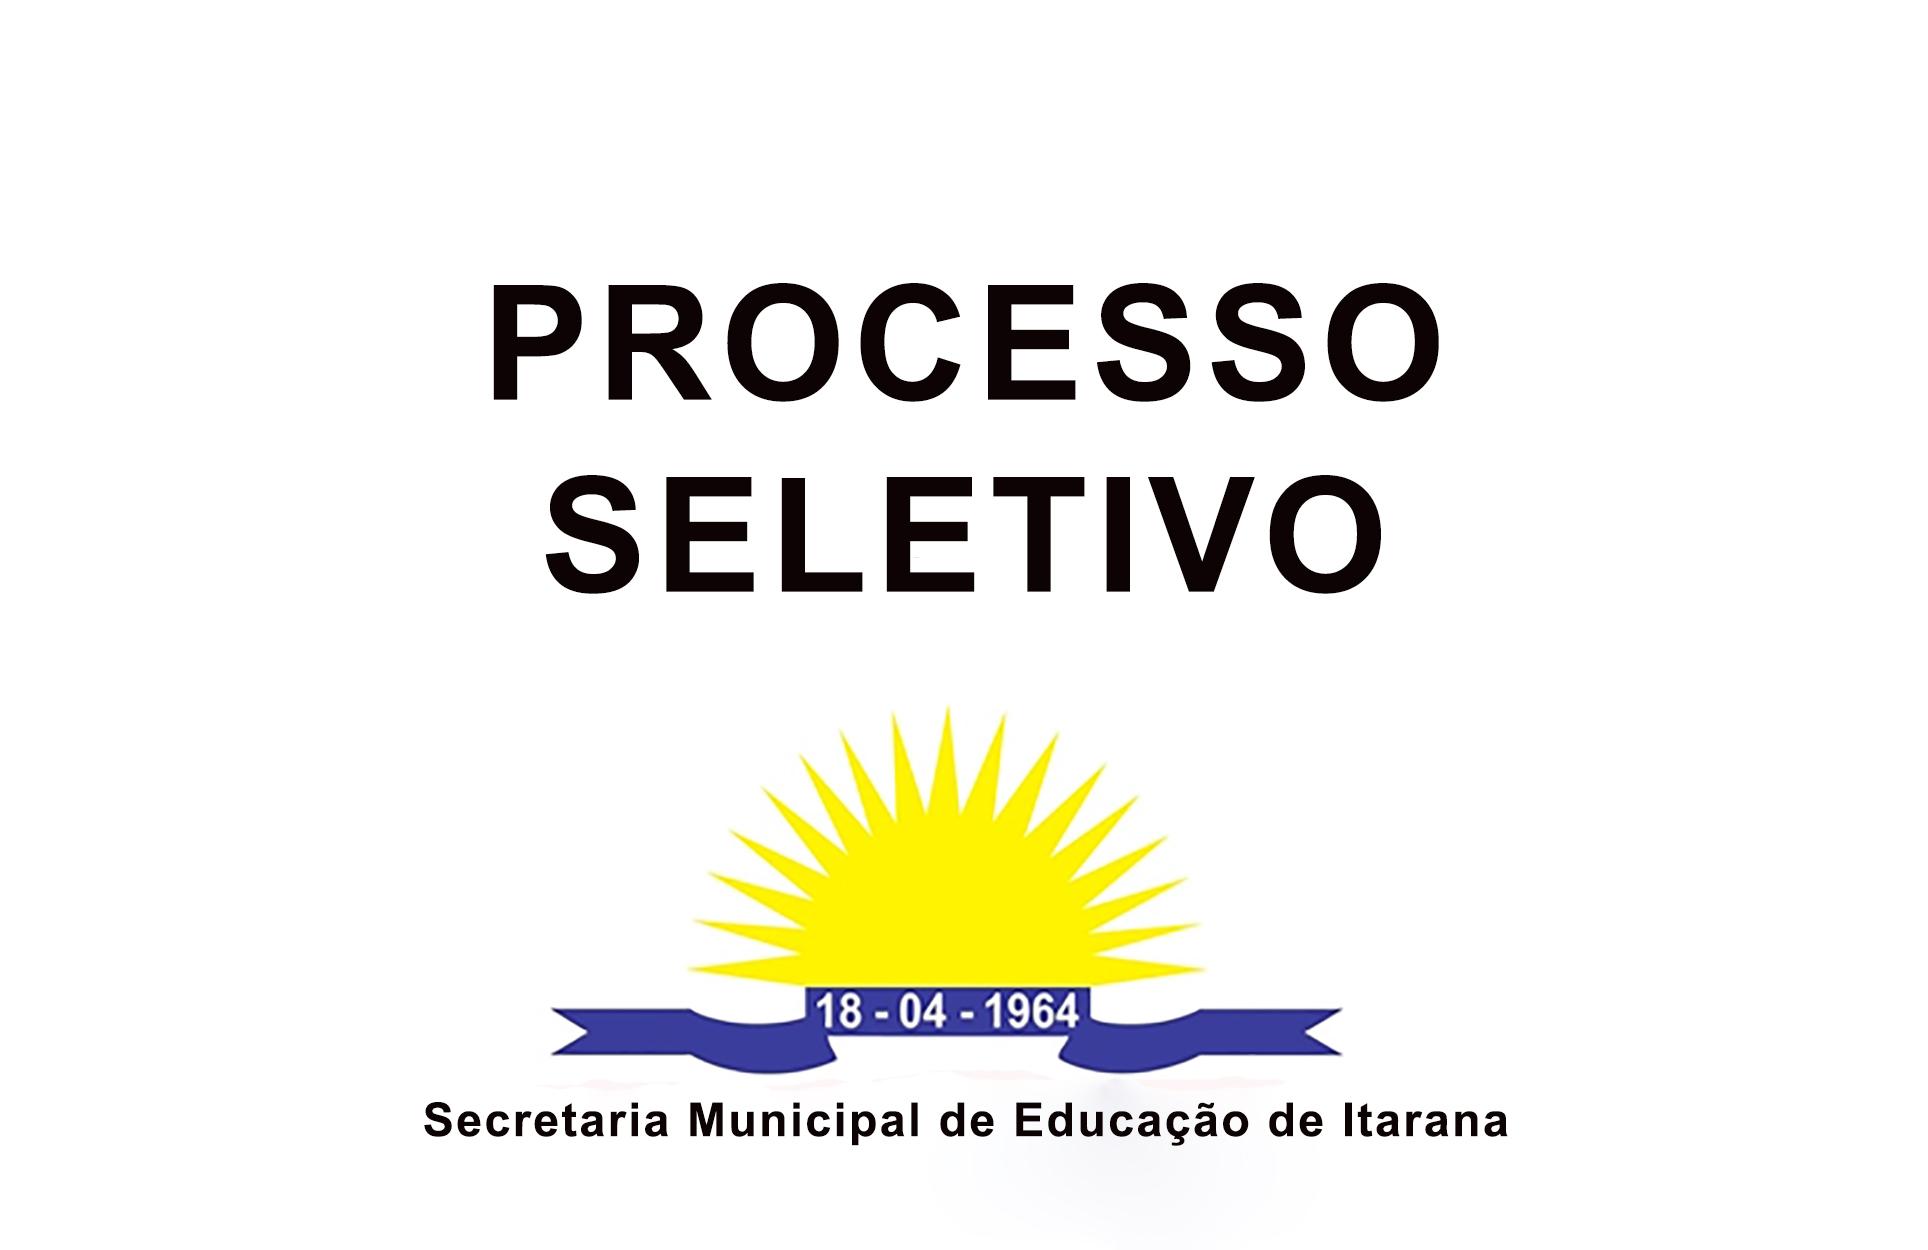 Processo seletivo para Professor DT: Alterações no Edital